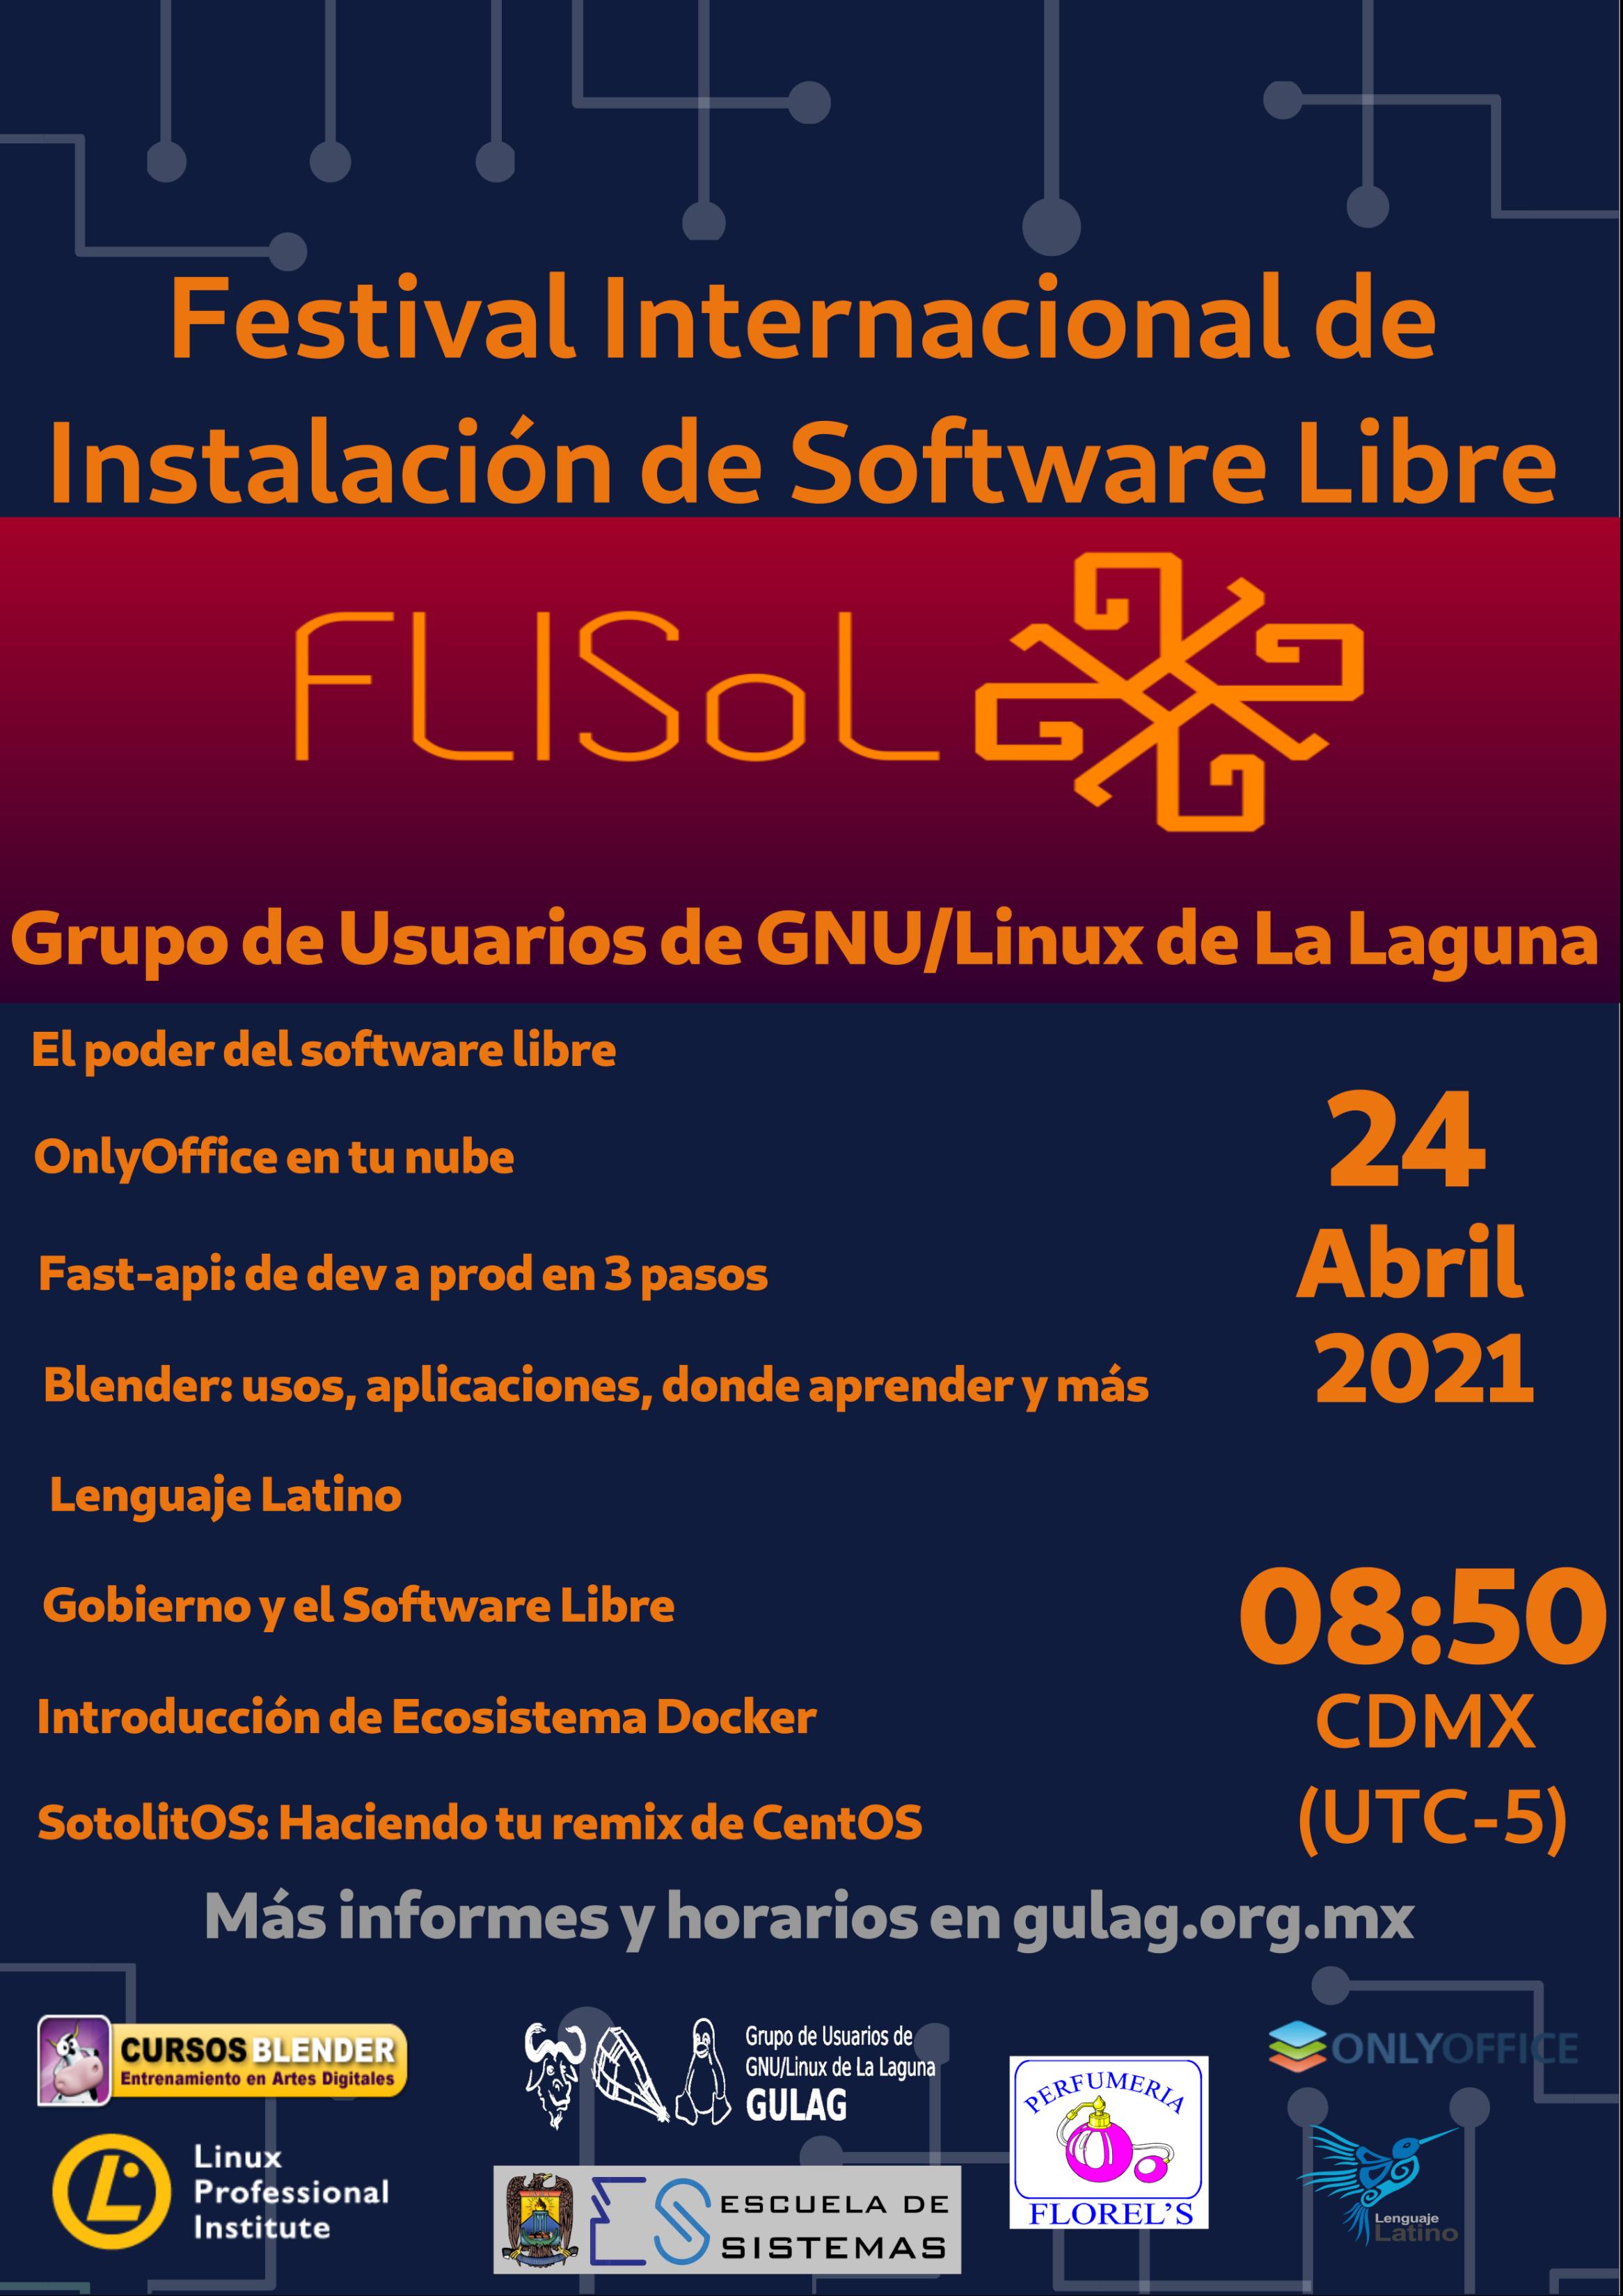 poster Flisol 2021